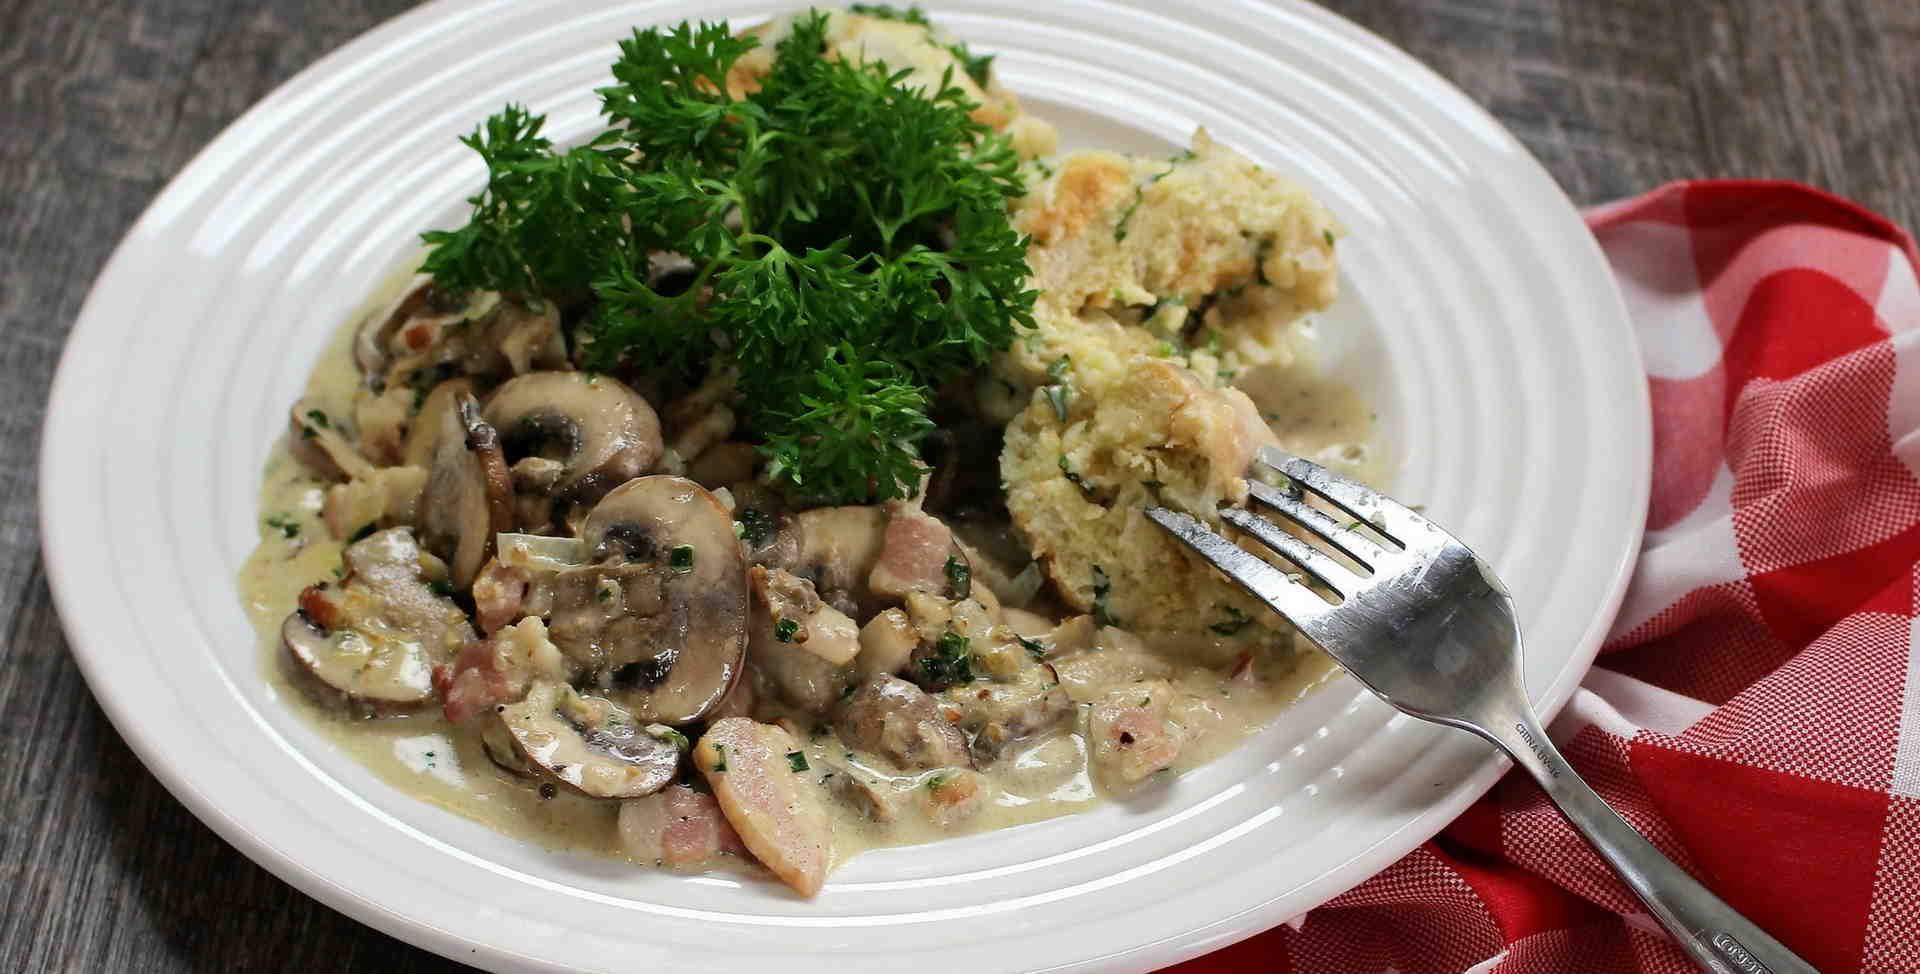 Creamy Mushrooms with Dumplings